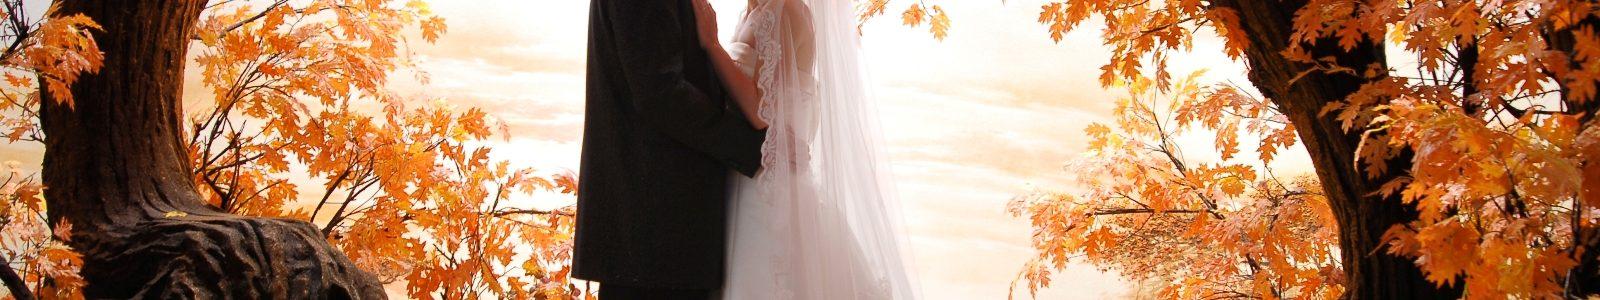 Осенняя свадьба – самое нарядное и красочное оформление